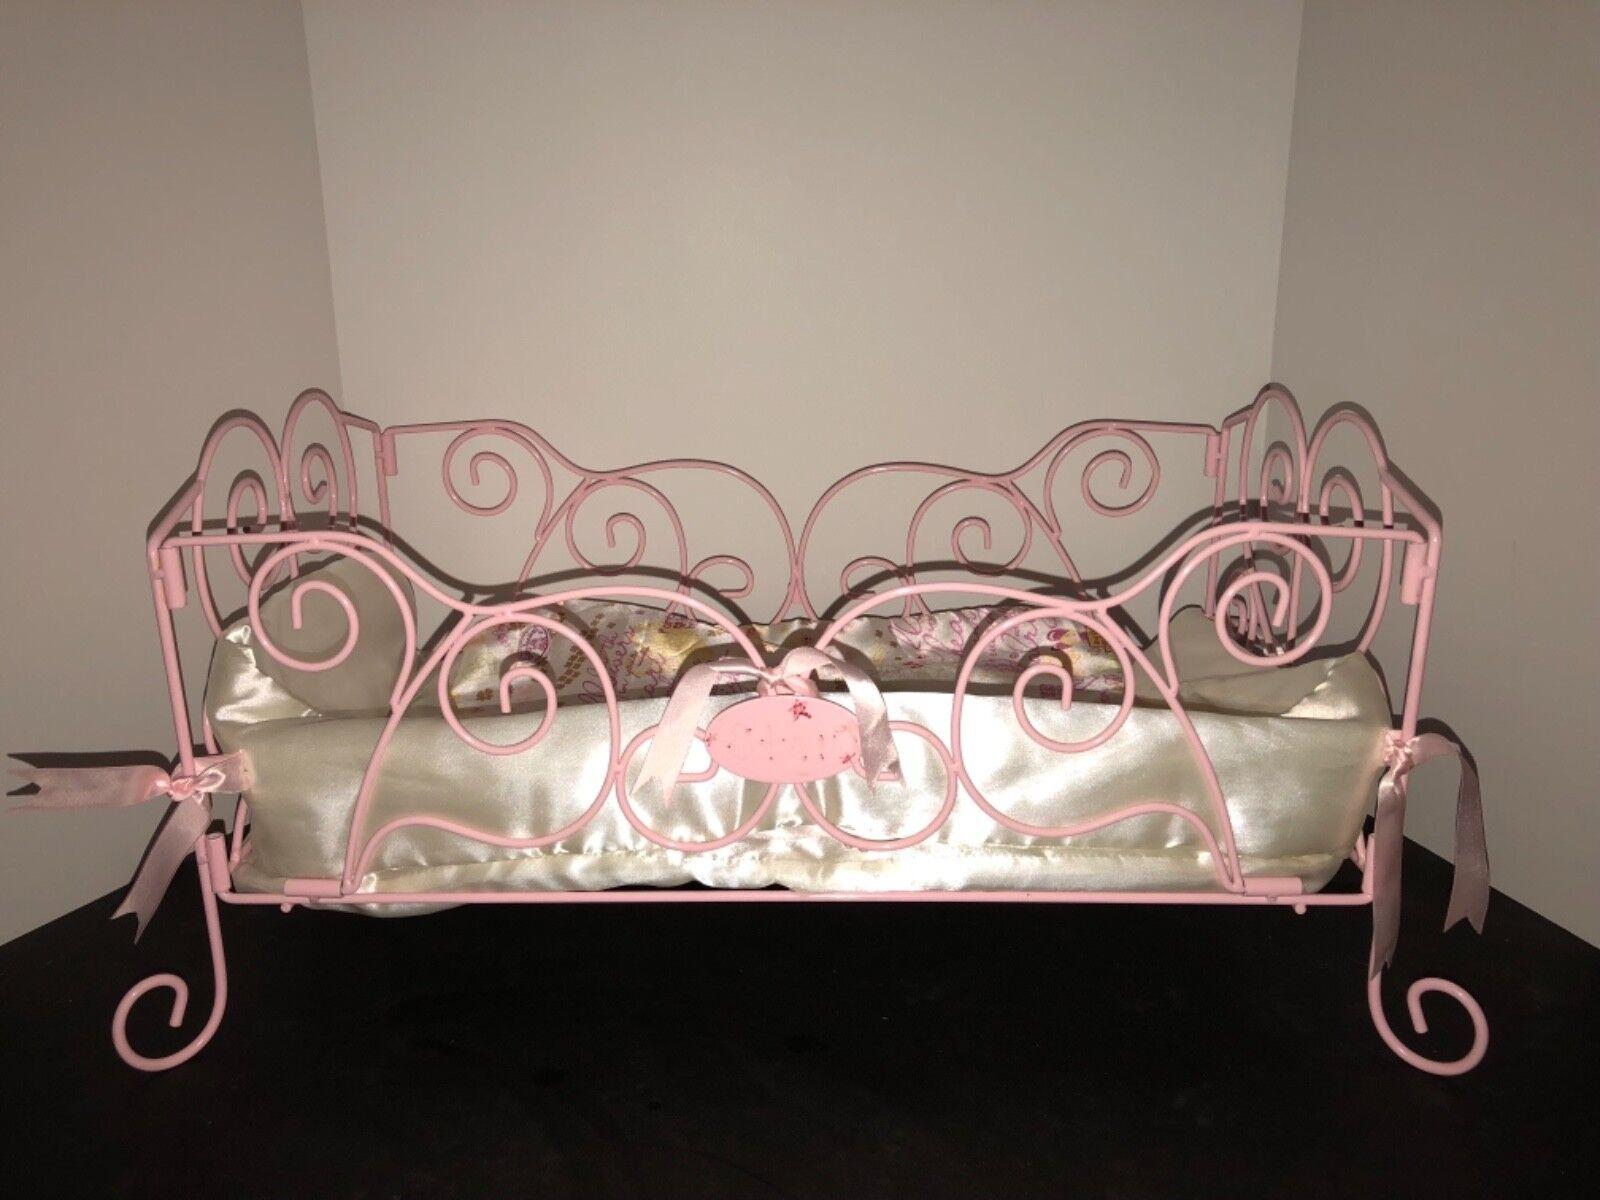 Baby Annabell rosado Metal Cama Deco Estilo con ropa de cama Precio de venta sugerido por el fabricante